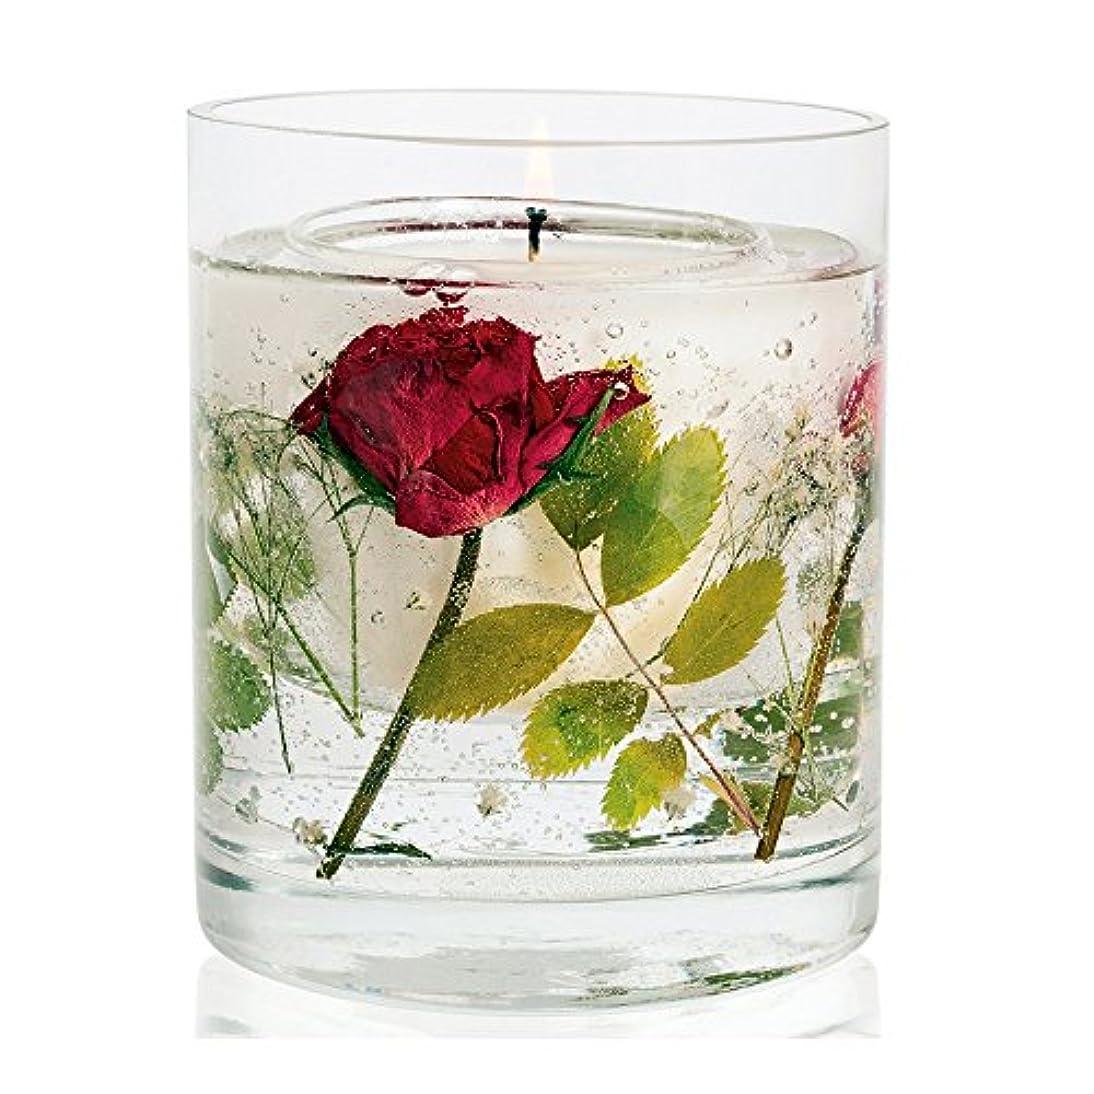 自発つかまえる真空ハーバリウム キャンドルホルダー STONEGLOW ガラス プリザーブドフラワー ジェル アロマキャンドルスタンド (レッドローズ)